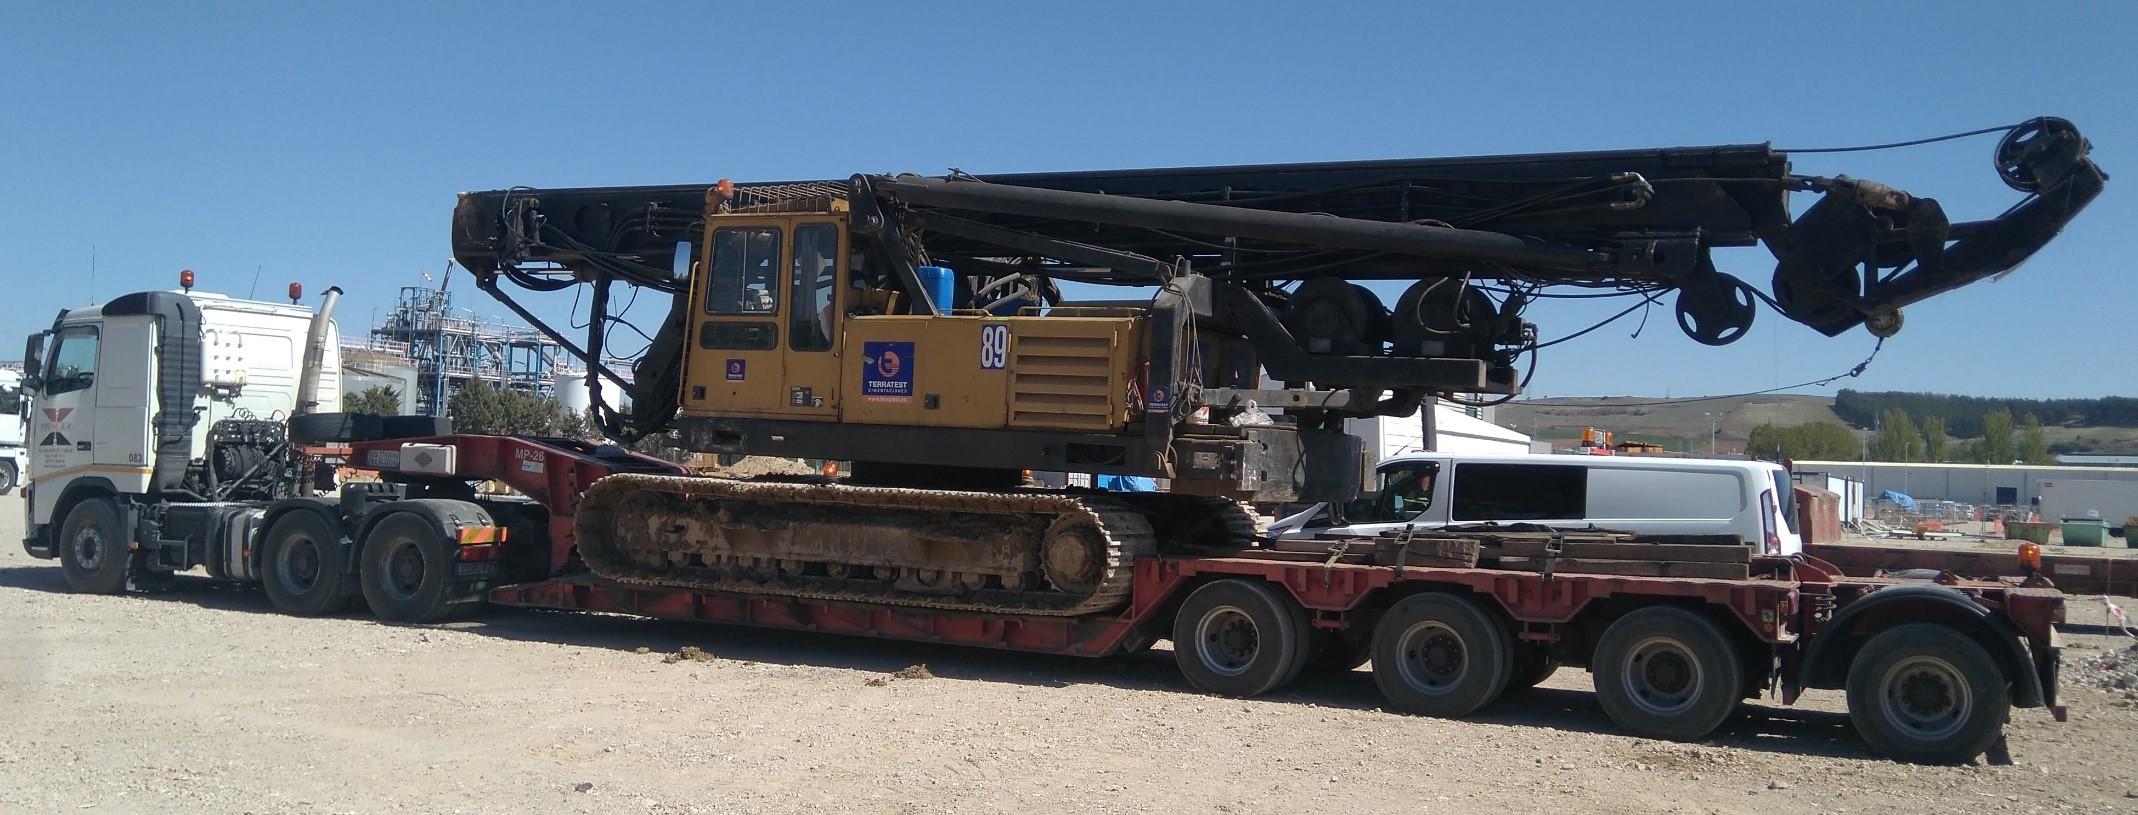 La empresa Transportes Truni opera en el mercado desde hace 35 años